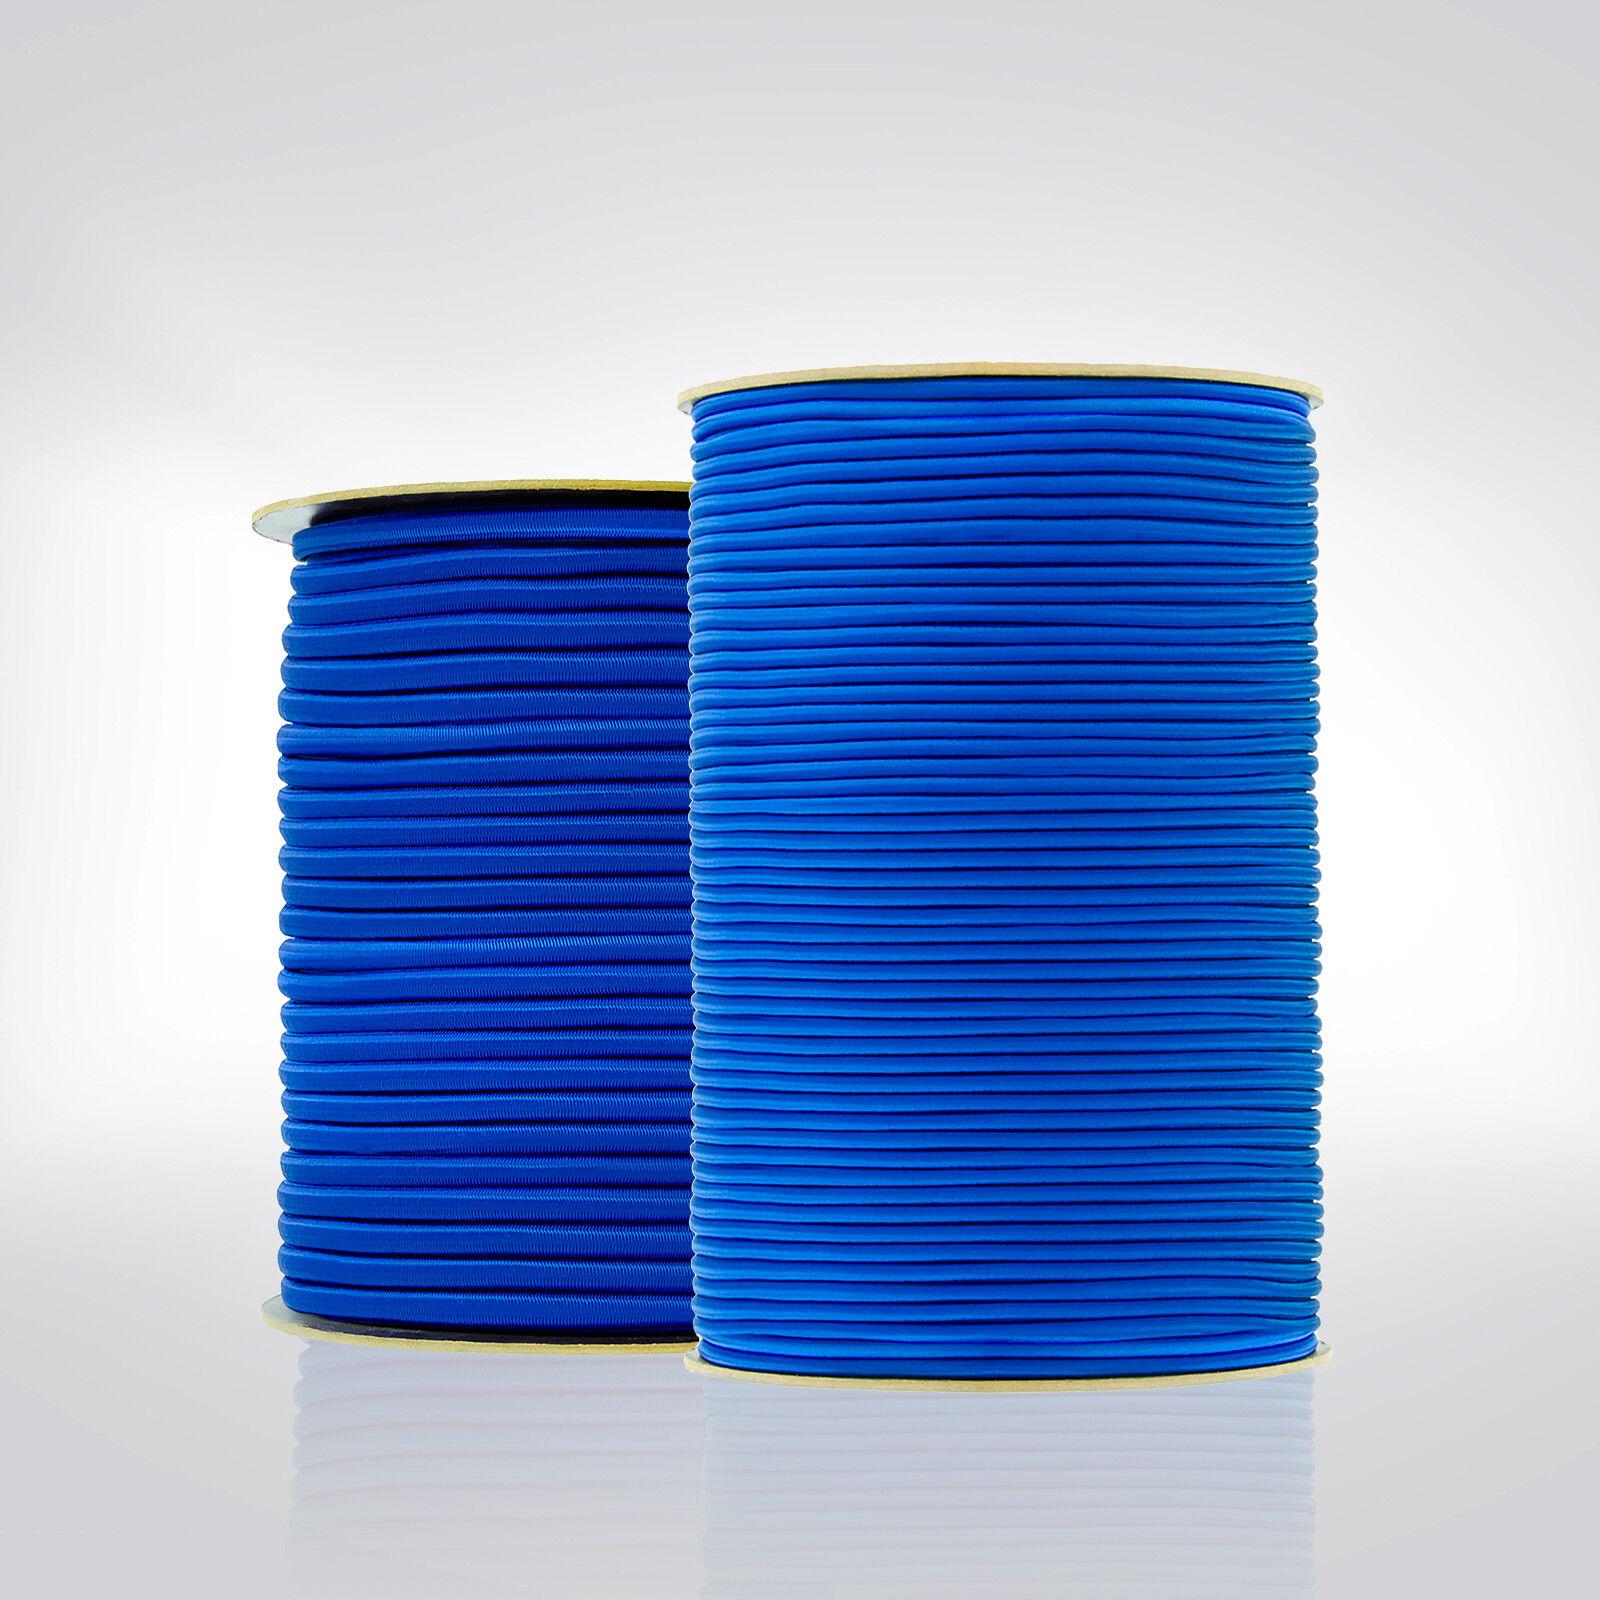 GUMMISEIL 4mm Planenseil - 12mm Expanderseil Blau Spannseil Gummileine Planenseil 4mm Neu GR5 3b0229